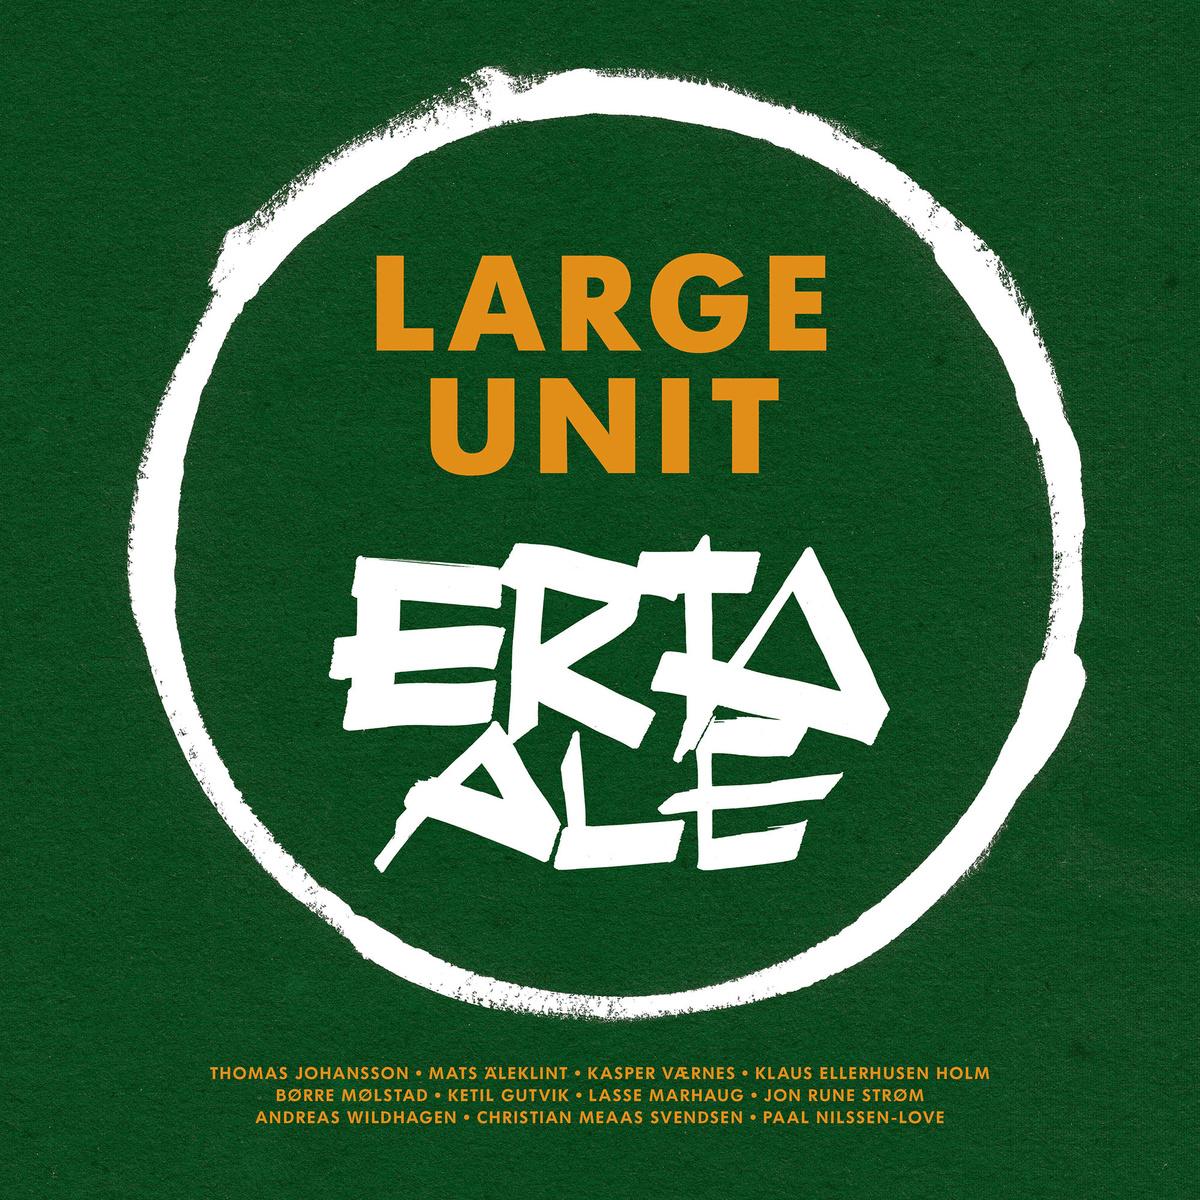 REVIEWS: Large Unit - Erta Ale